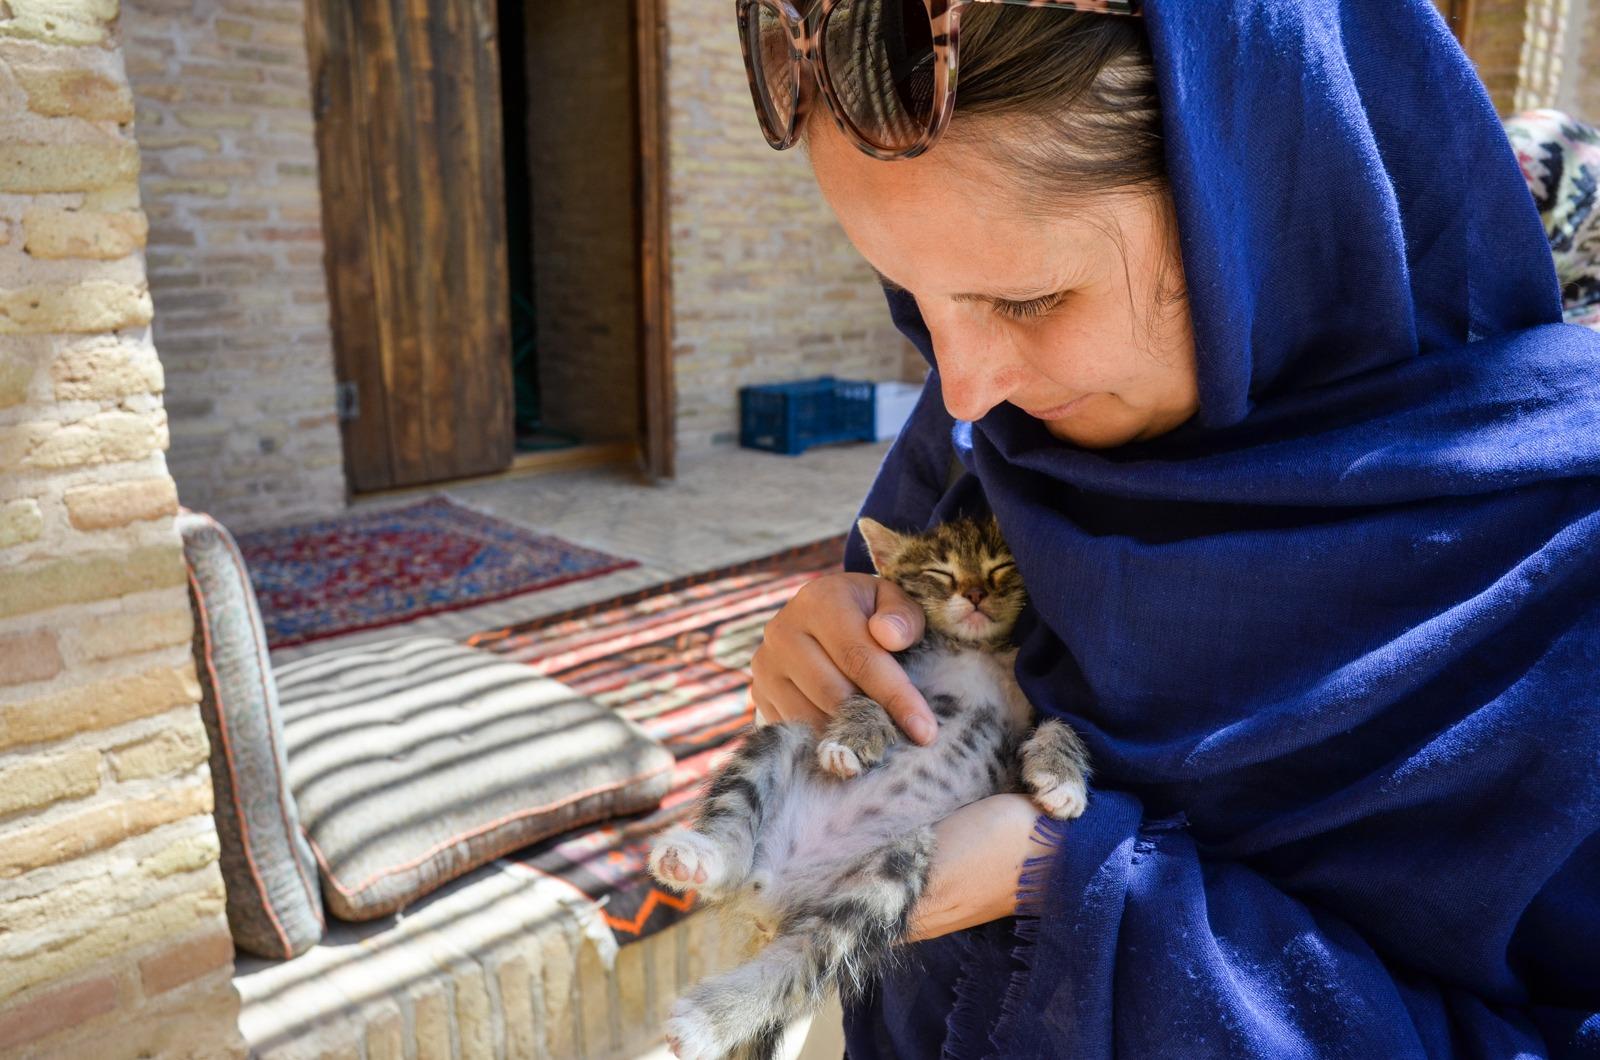 Katzenbaby in der Karawanserei im Iran